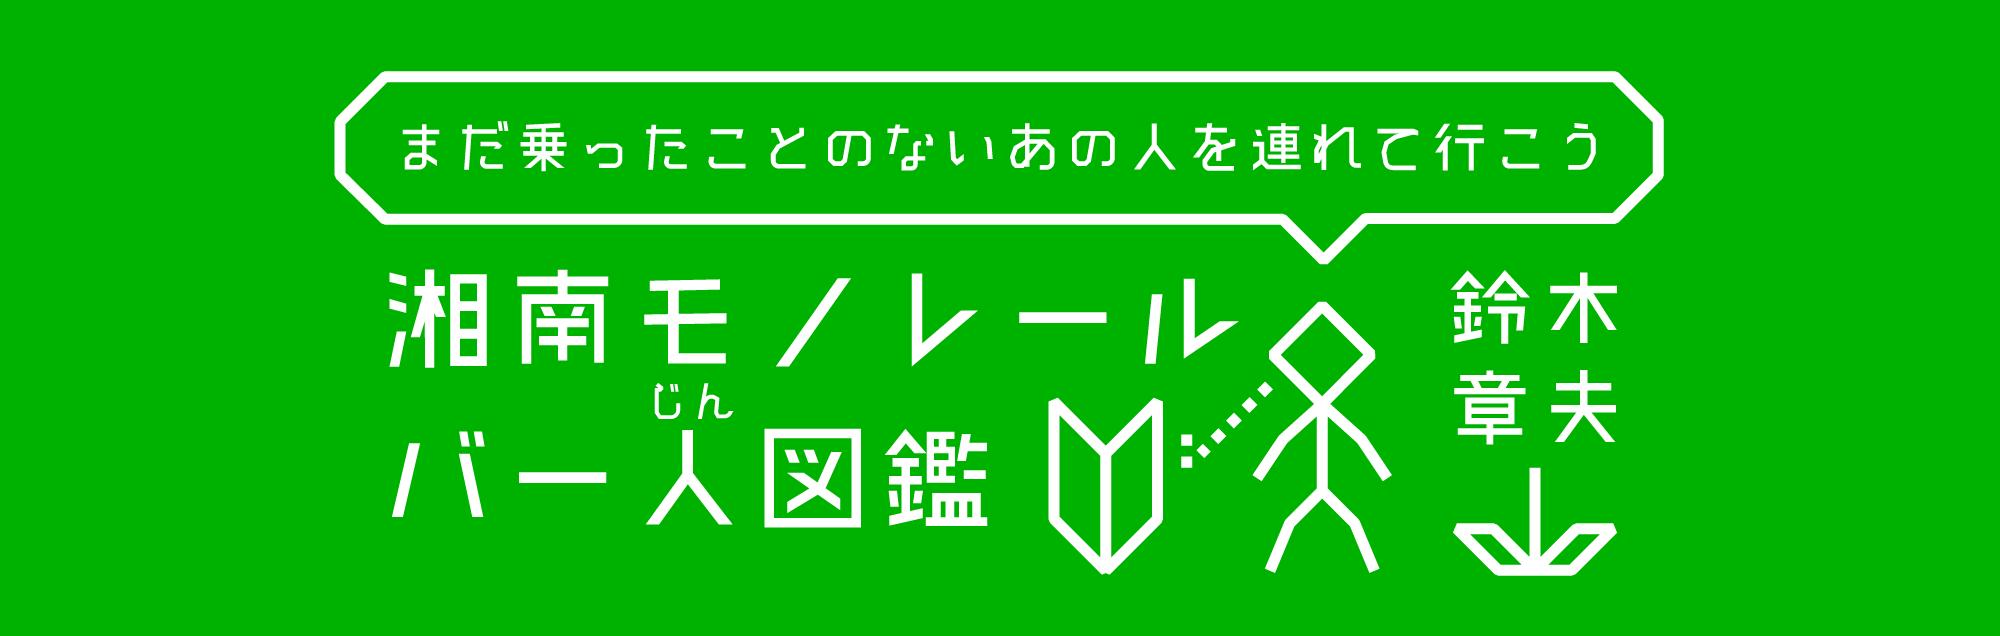 湘南モノレールバー人図鑑 鈴木章夫